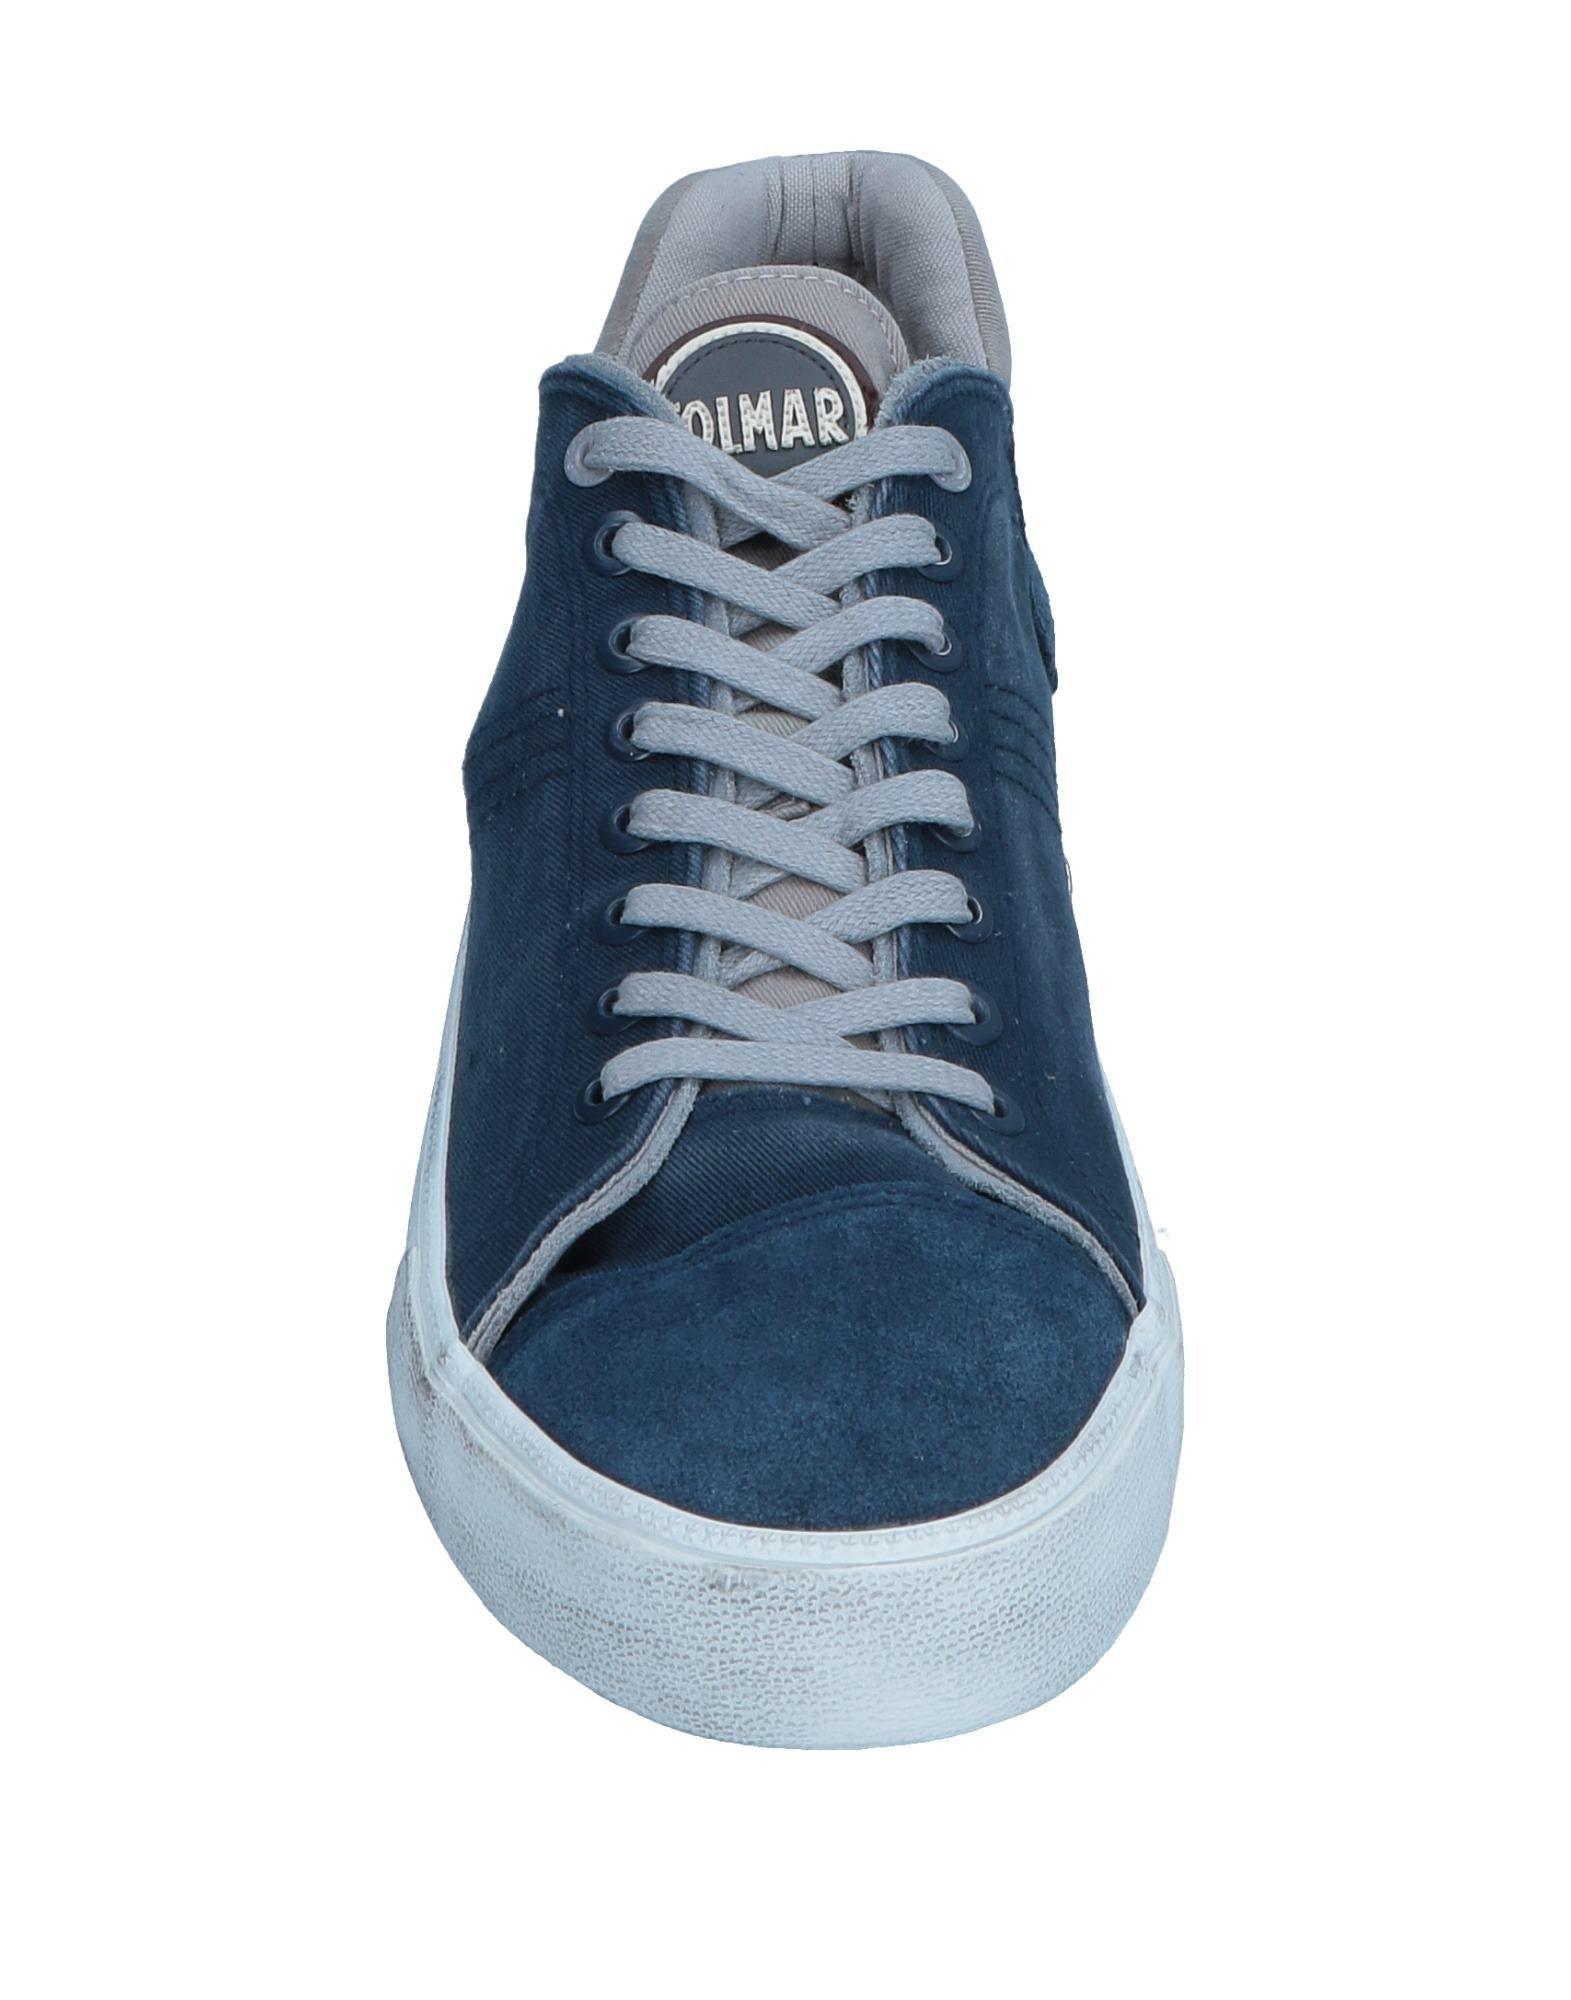 Scarpe economiche Sneakers e resistenti Sneakers economiche Colmar Uomo - 11552340IM afa518